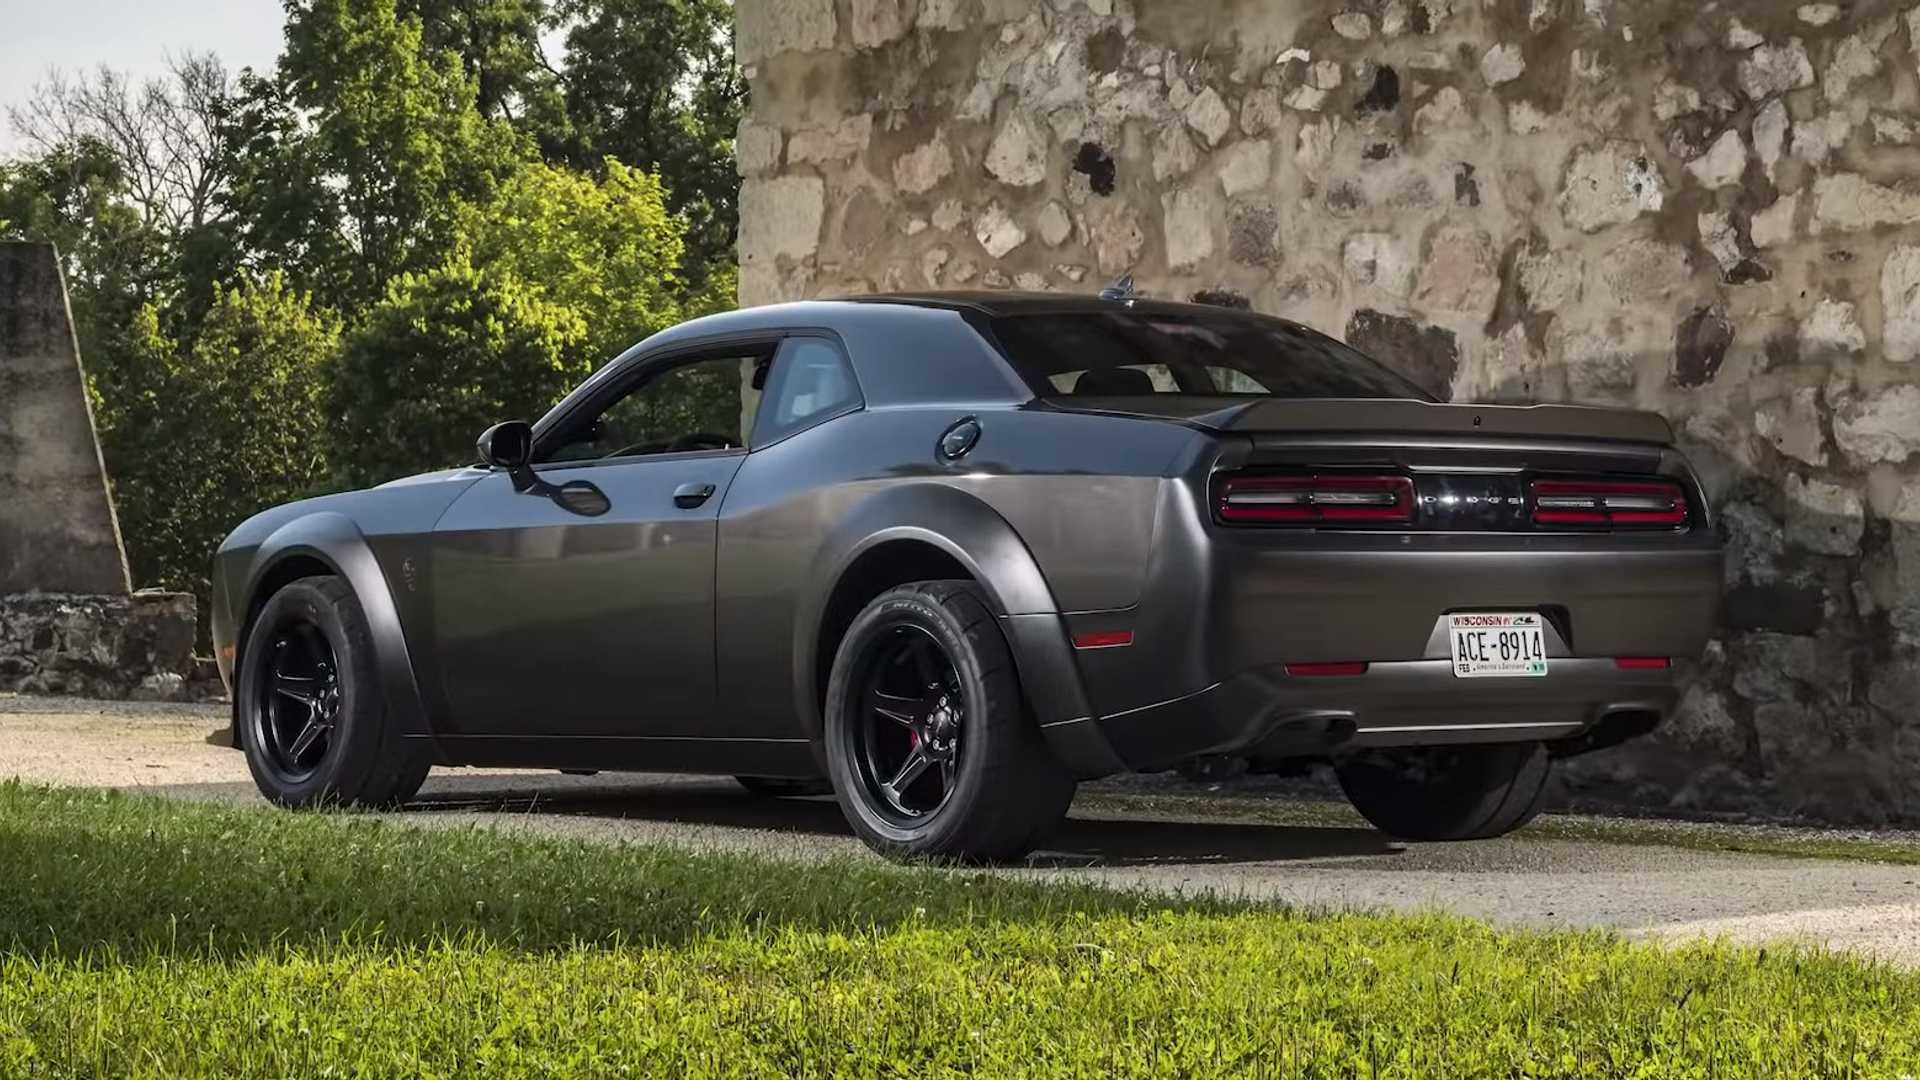 Самый экстремальный Dodge Challenger оказался быстрее Bugatti